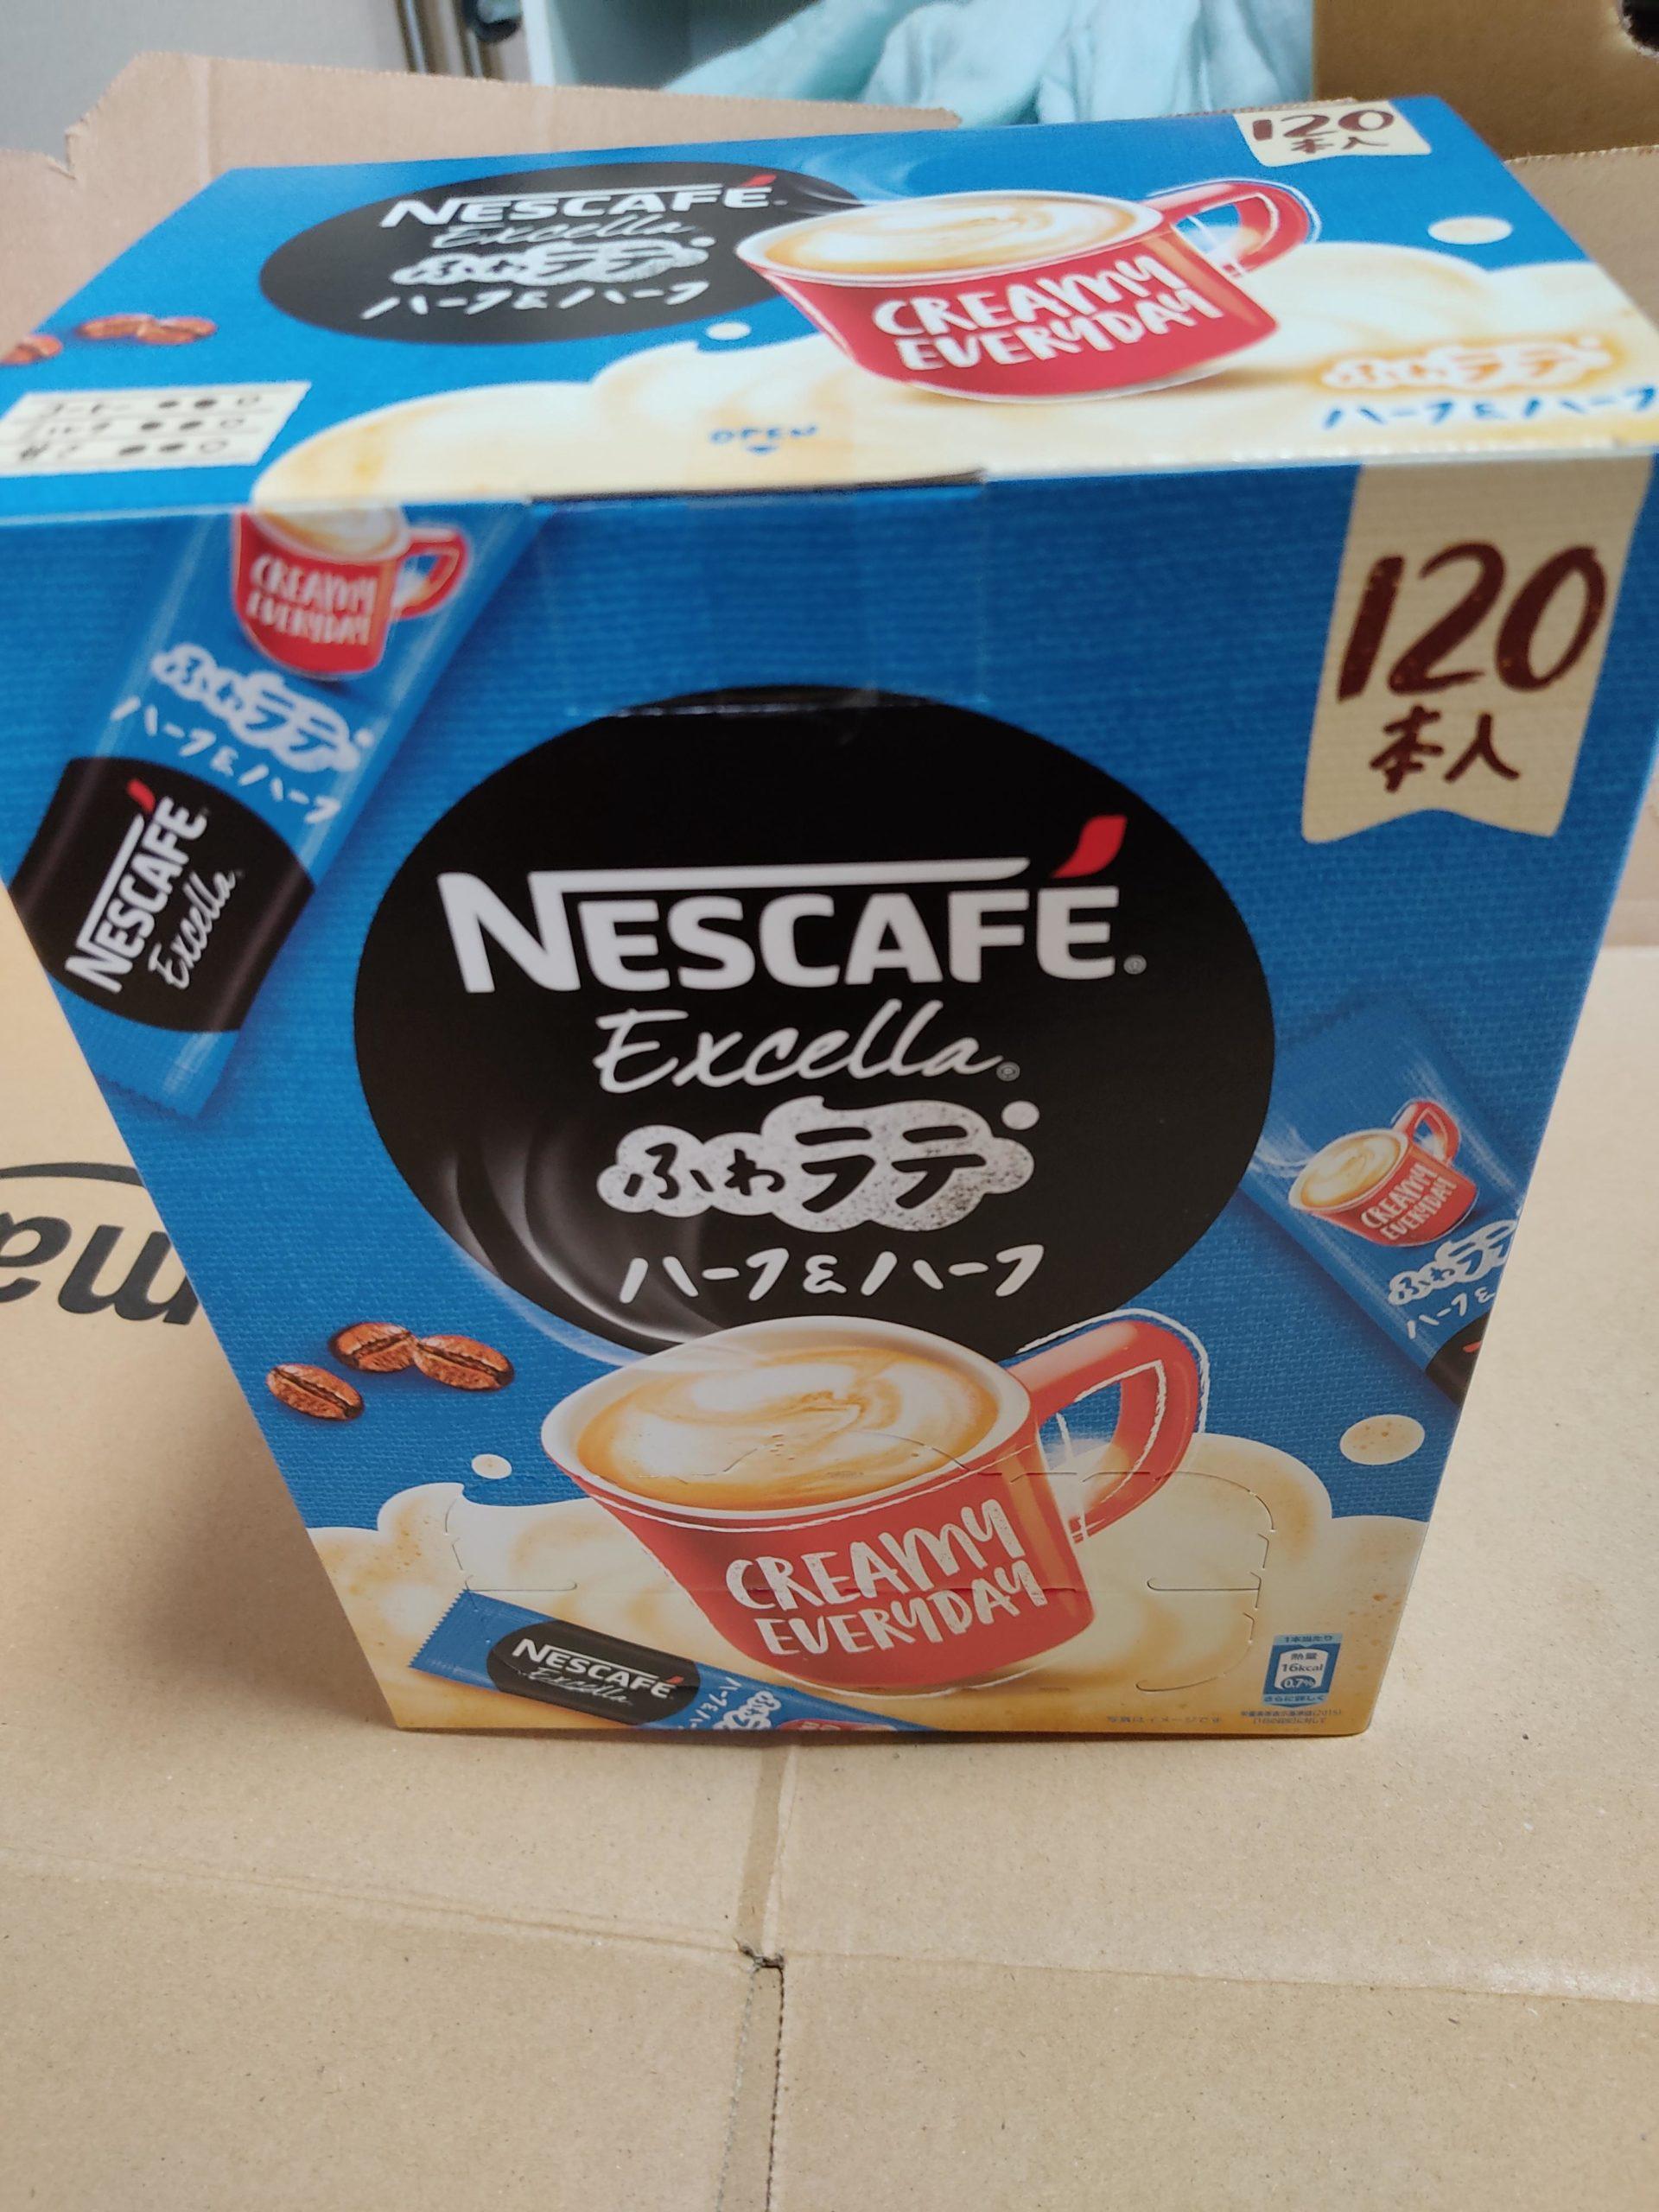 インスタントコーヒーたくさん買ったったwwww